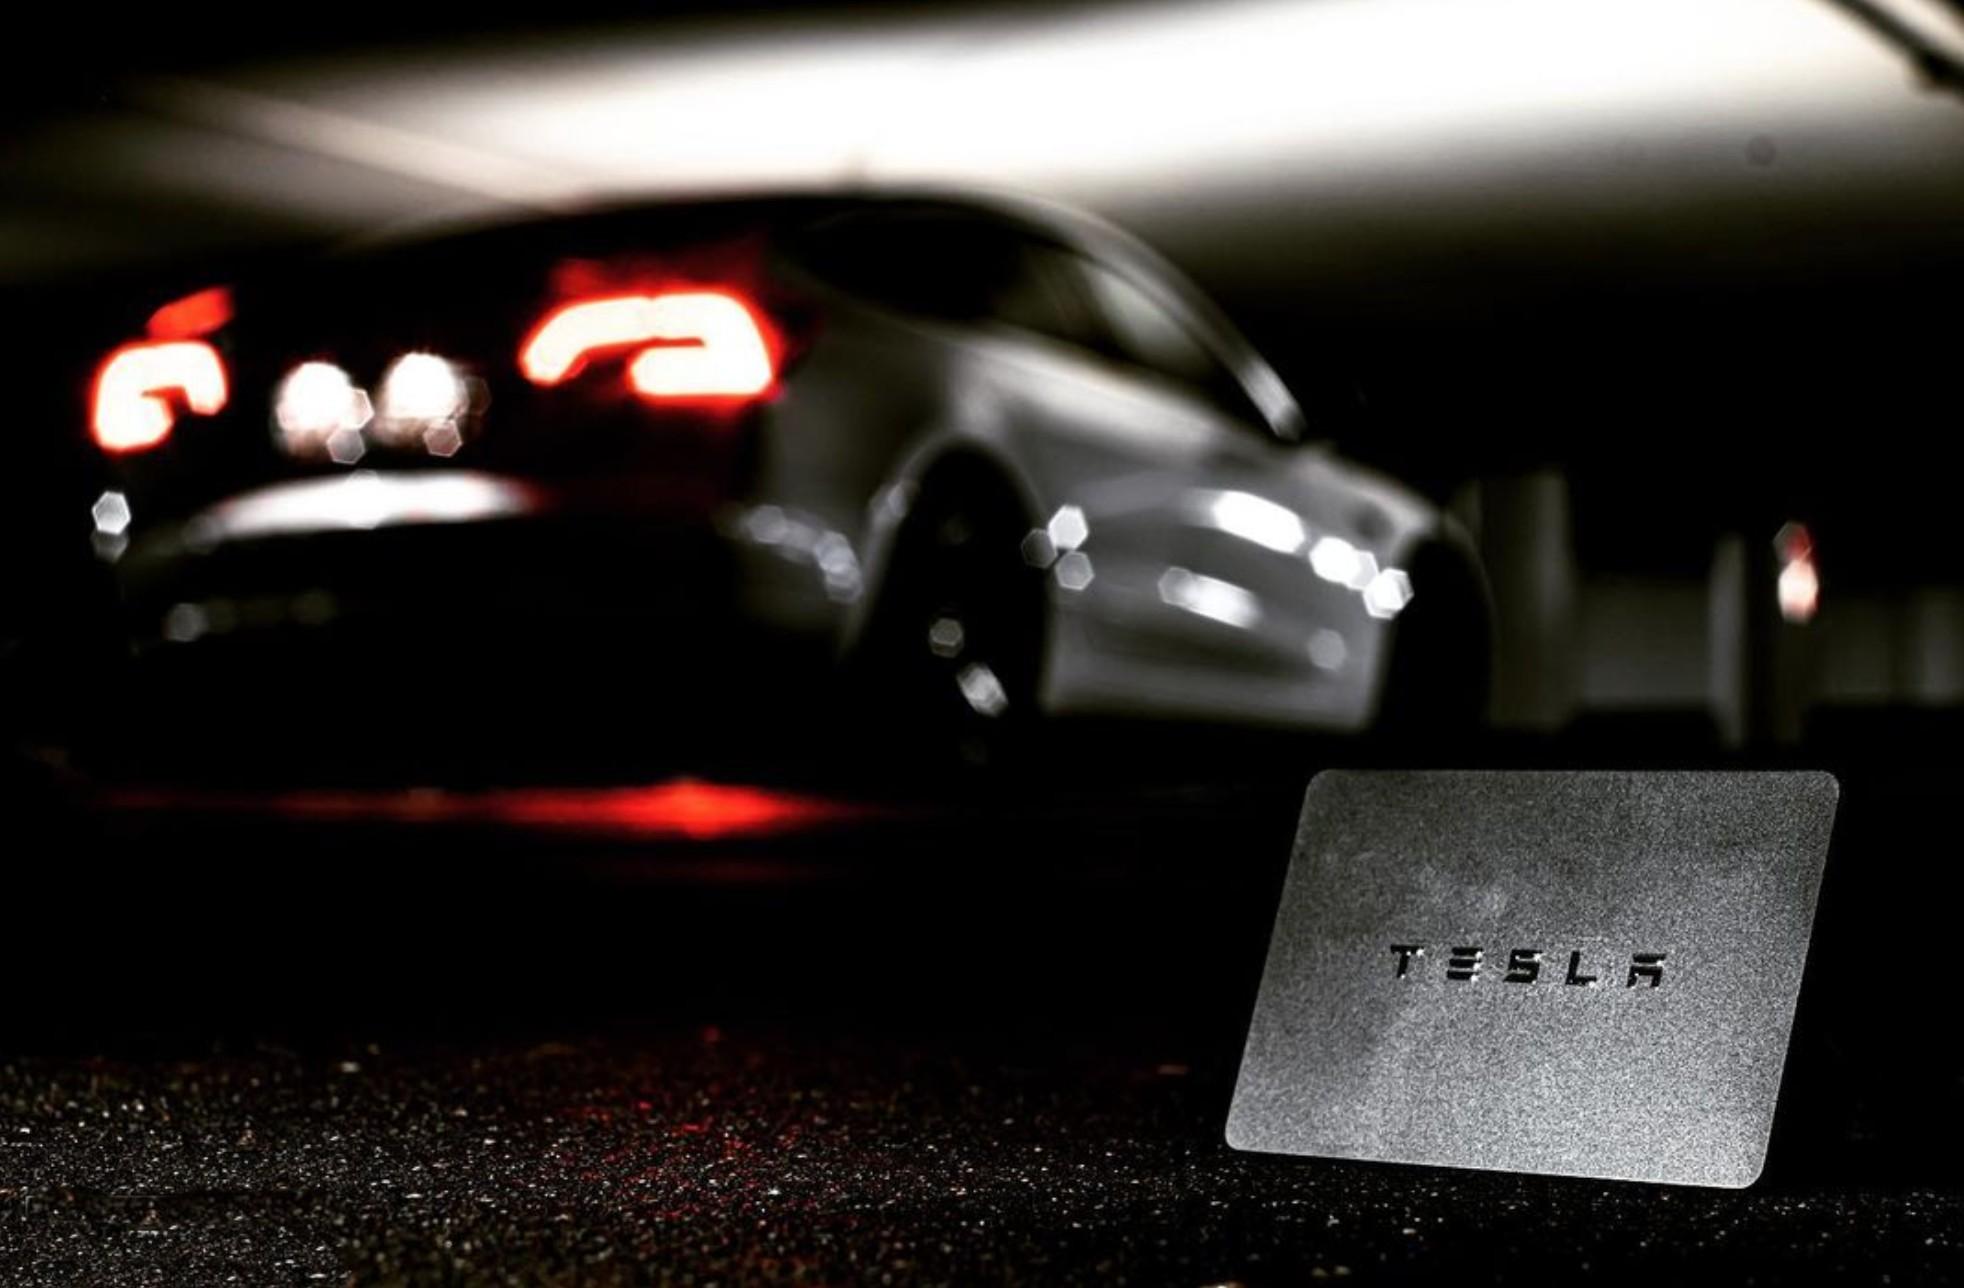 Документы Tesla FCC намекают на сверхширокополосную поддержку беспрепятственного и сверхбезопасного доступа к транспортным средствам